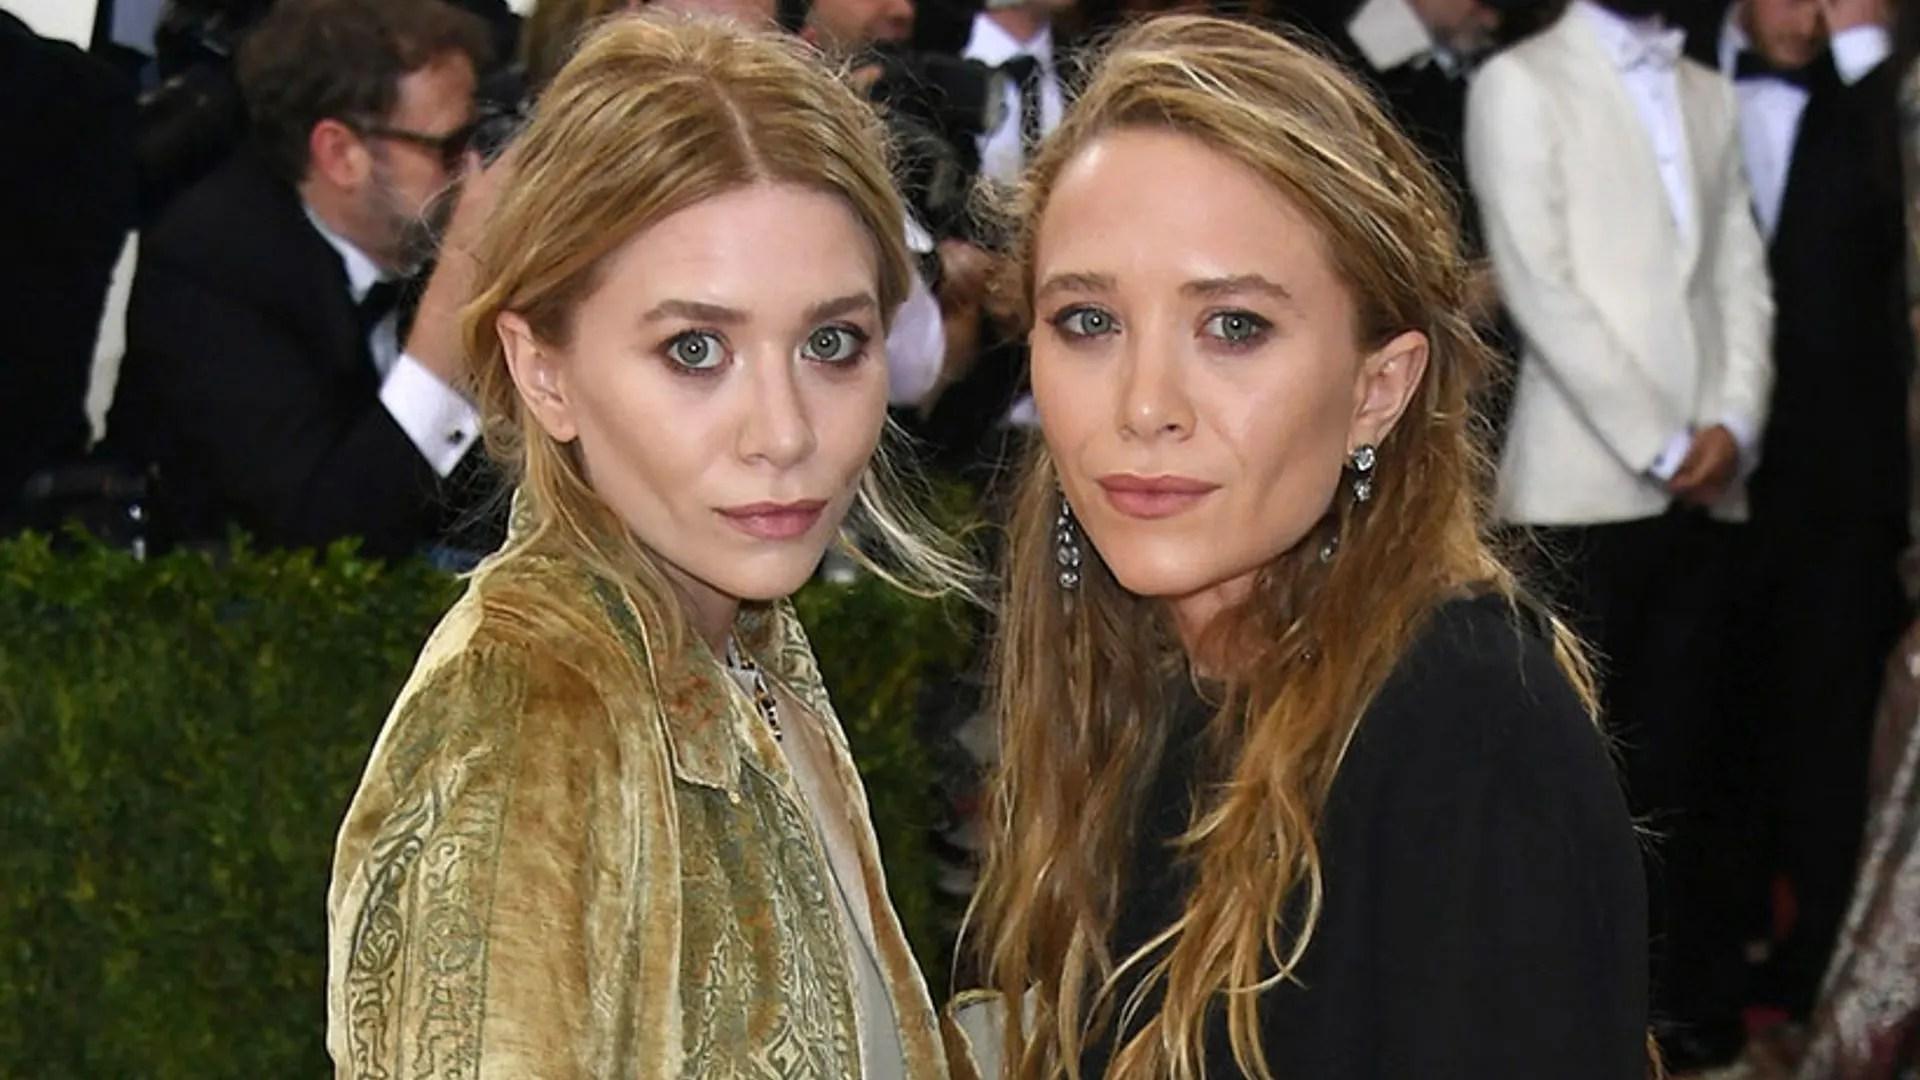 Olsen Twins Recent News